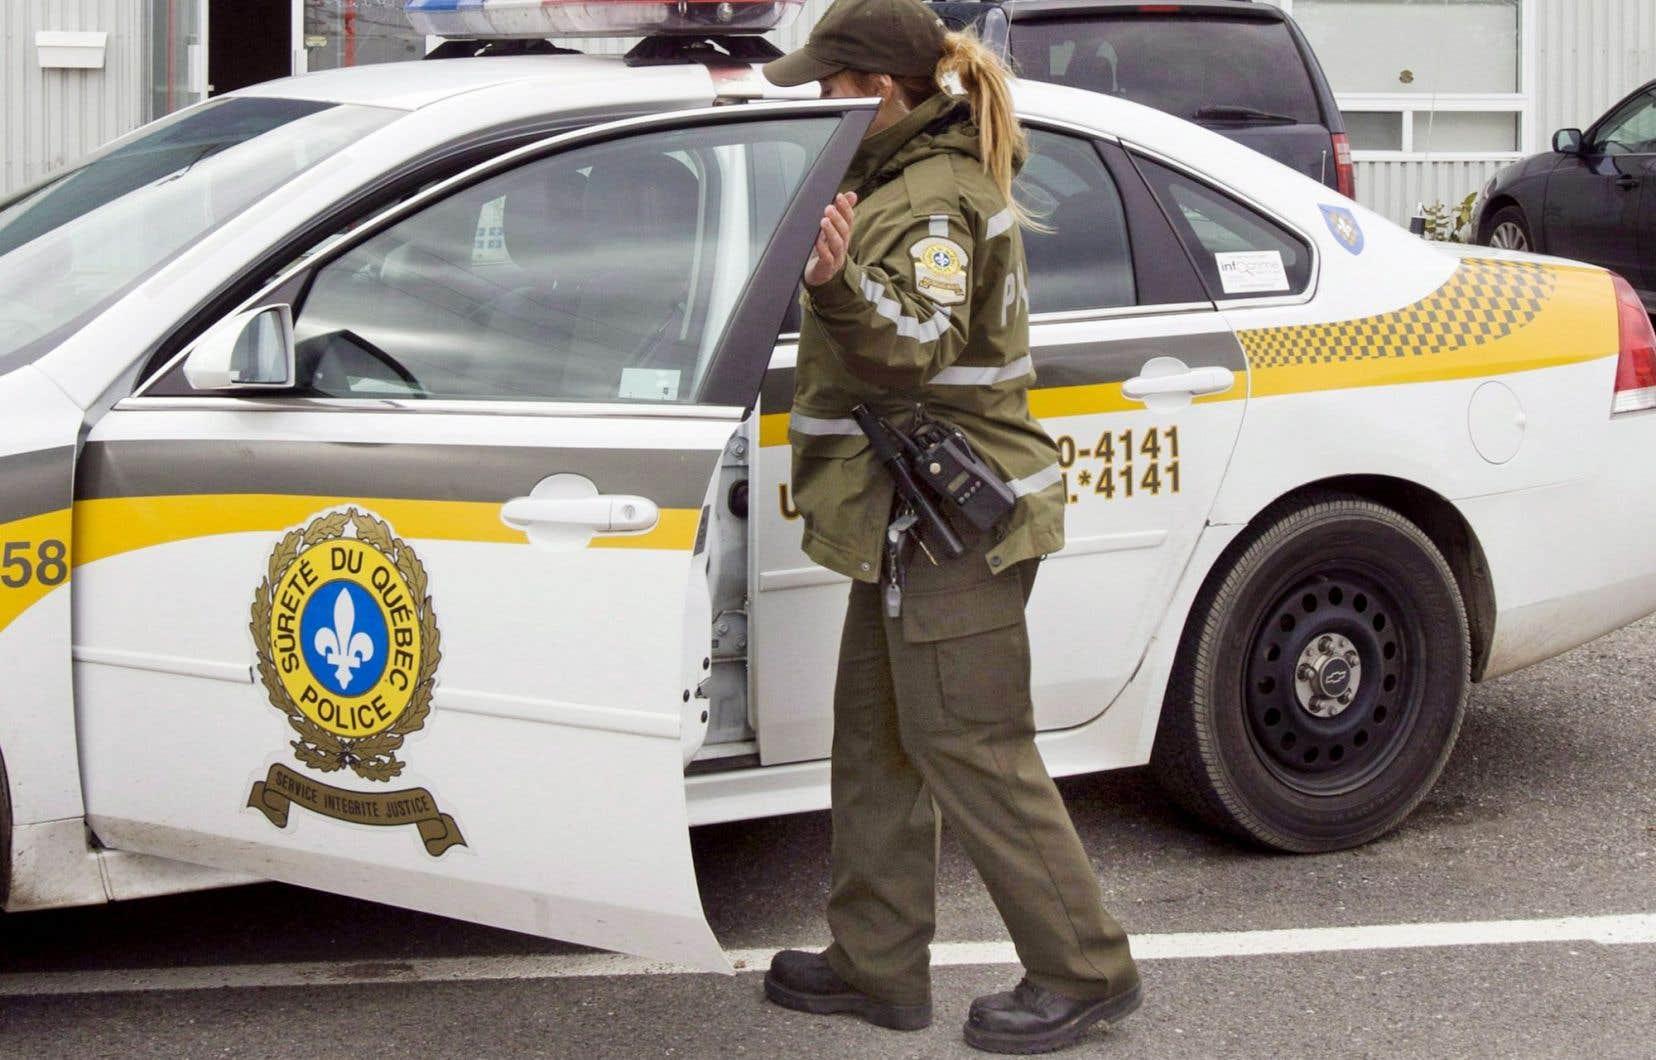 Dix-sept personnes ont été arrêtées par la Sûreté du Québec.